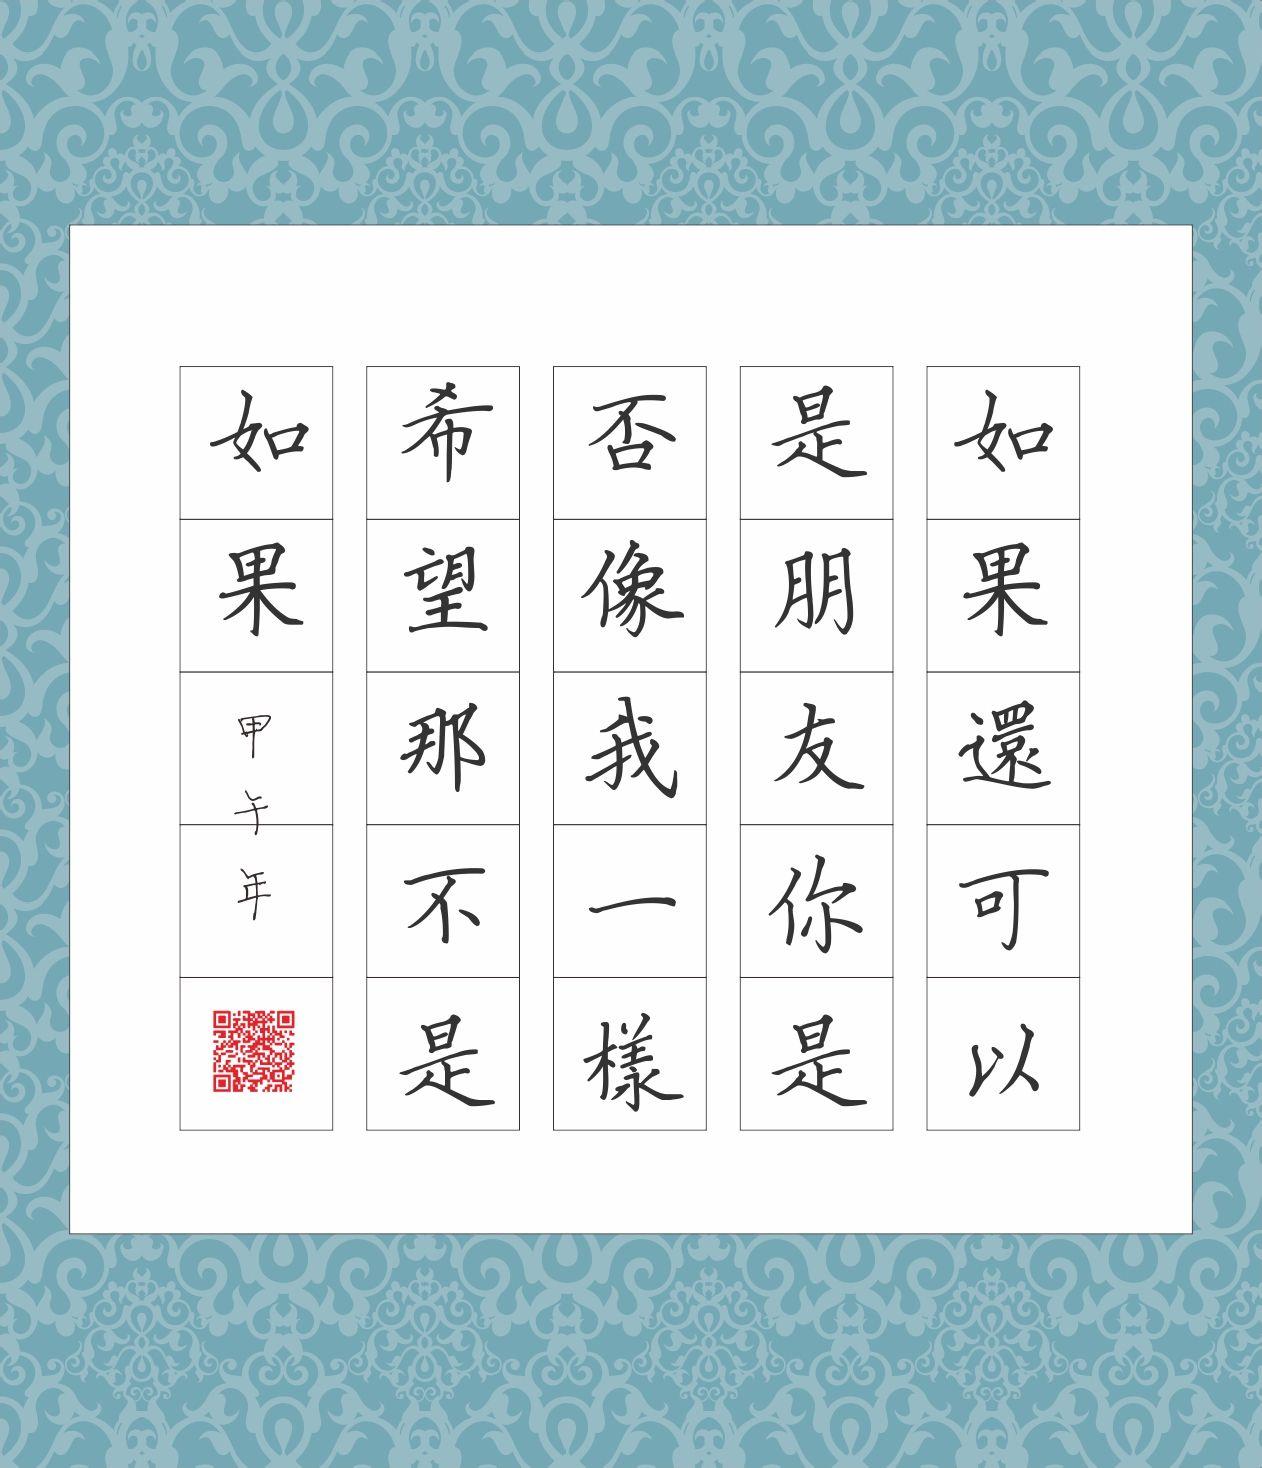 赵贺新 硬笔书法 中性笔 初学的问题解答 这样的才是好视频